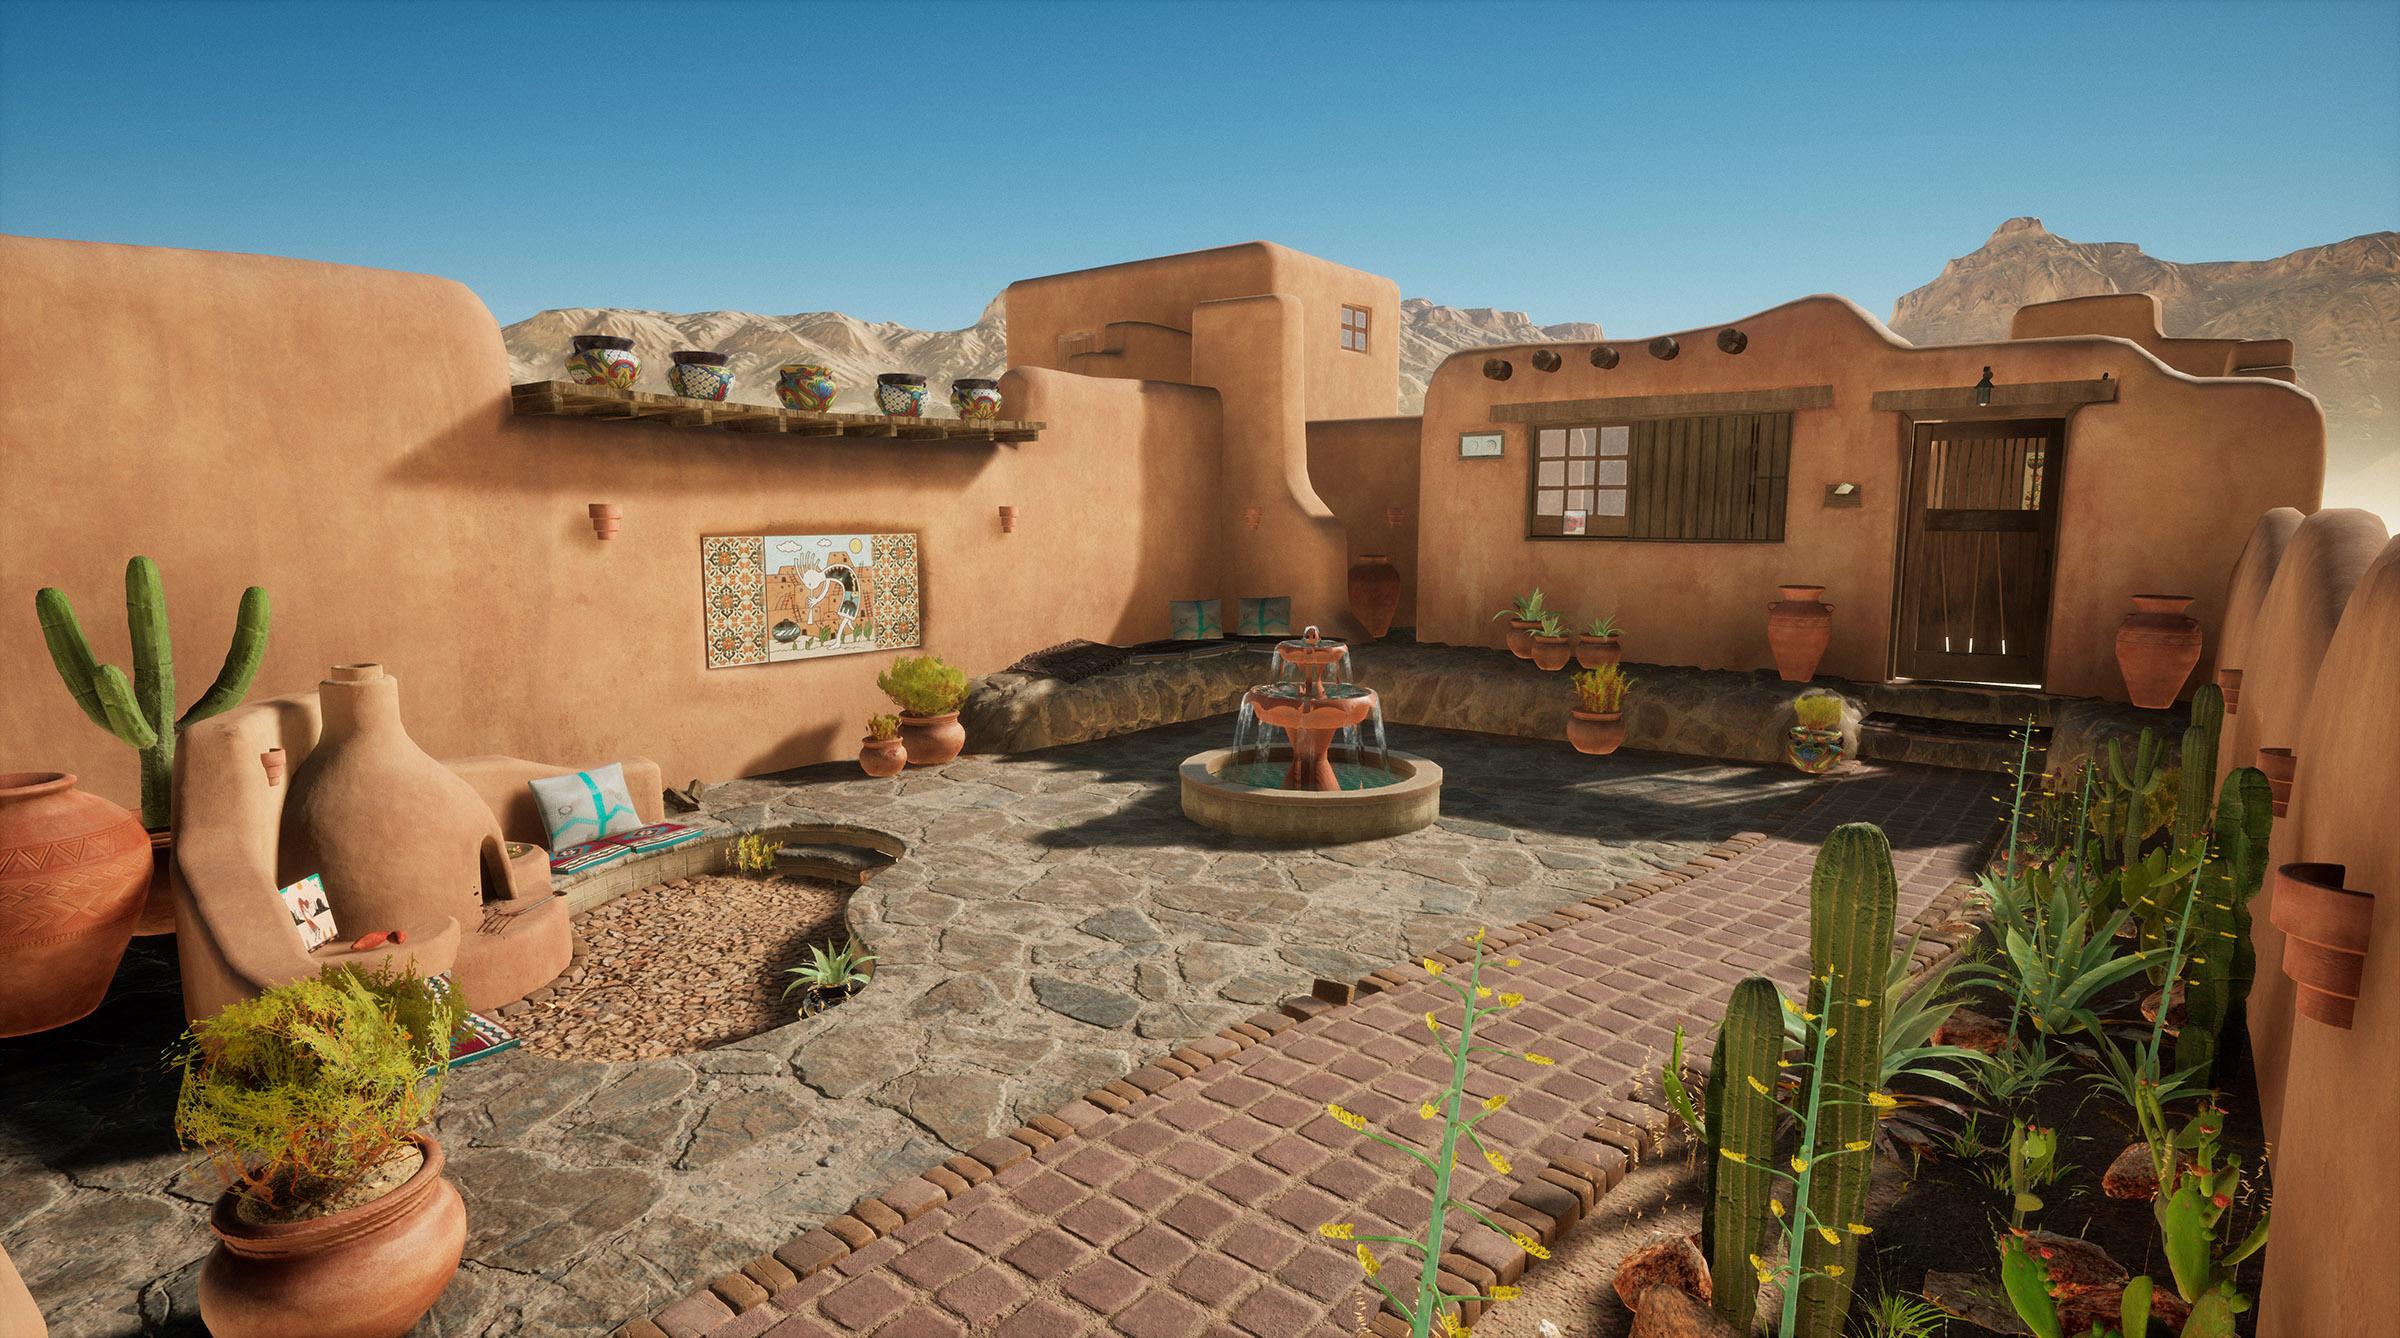 Desert house by Zhen Zhang